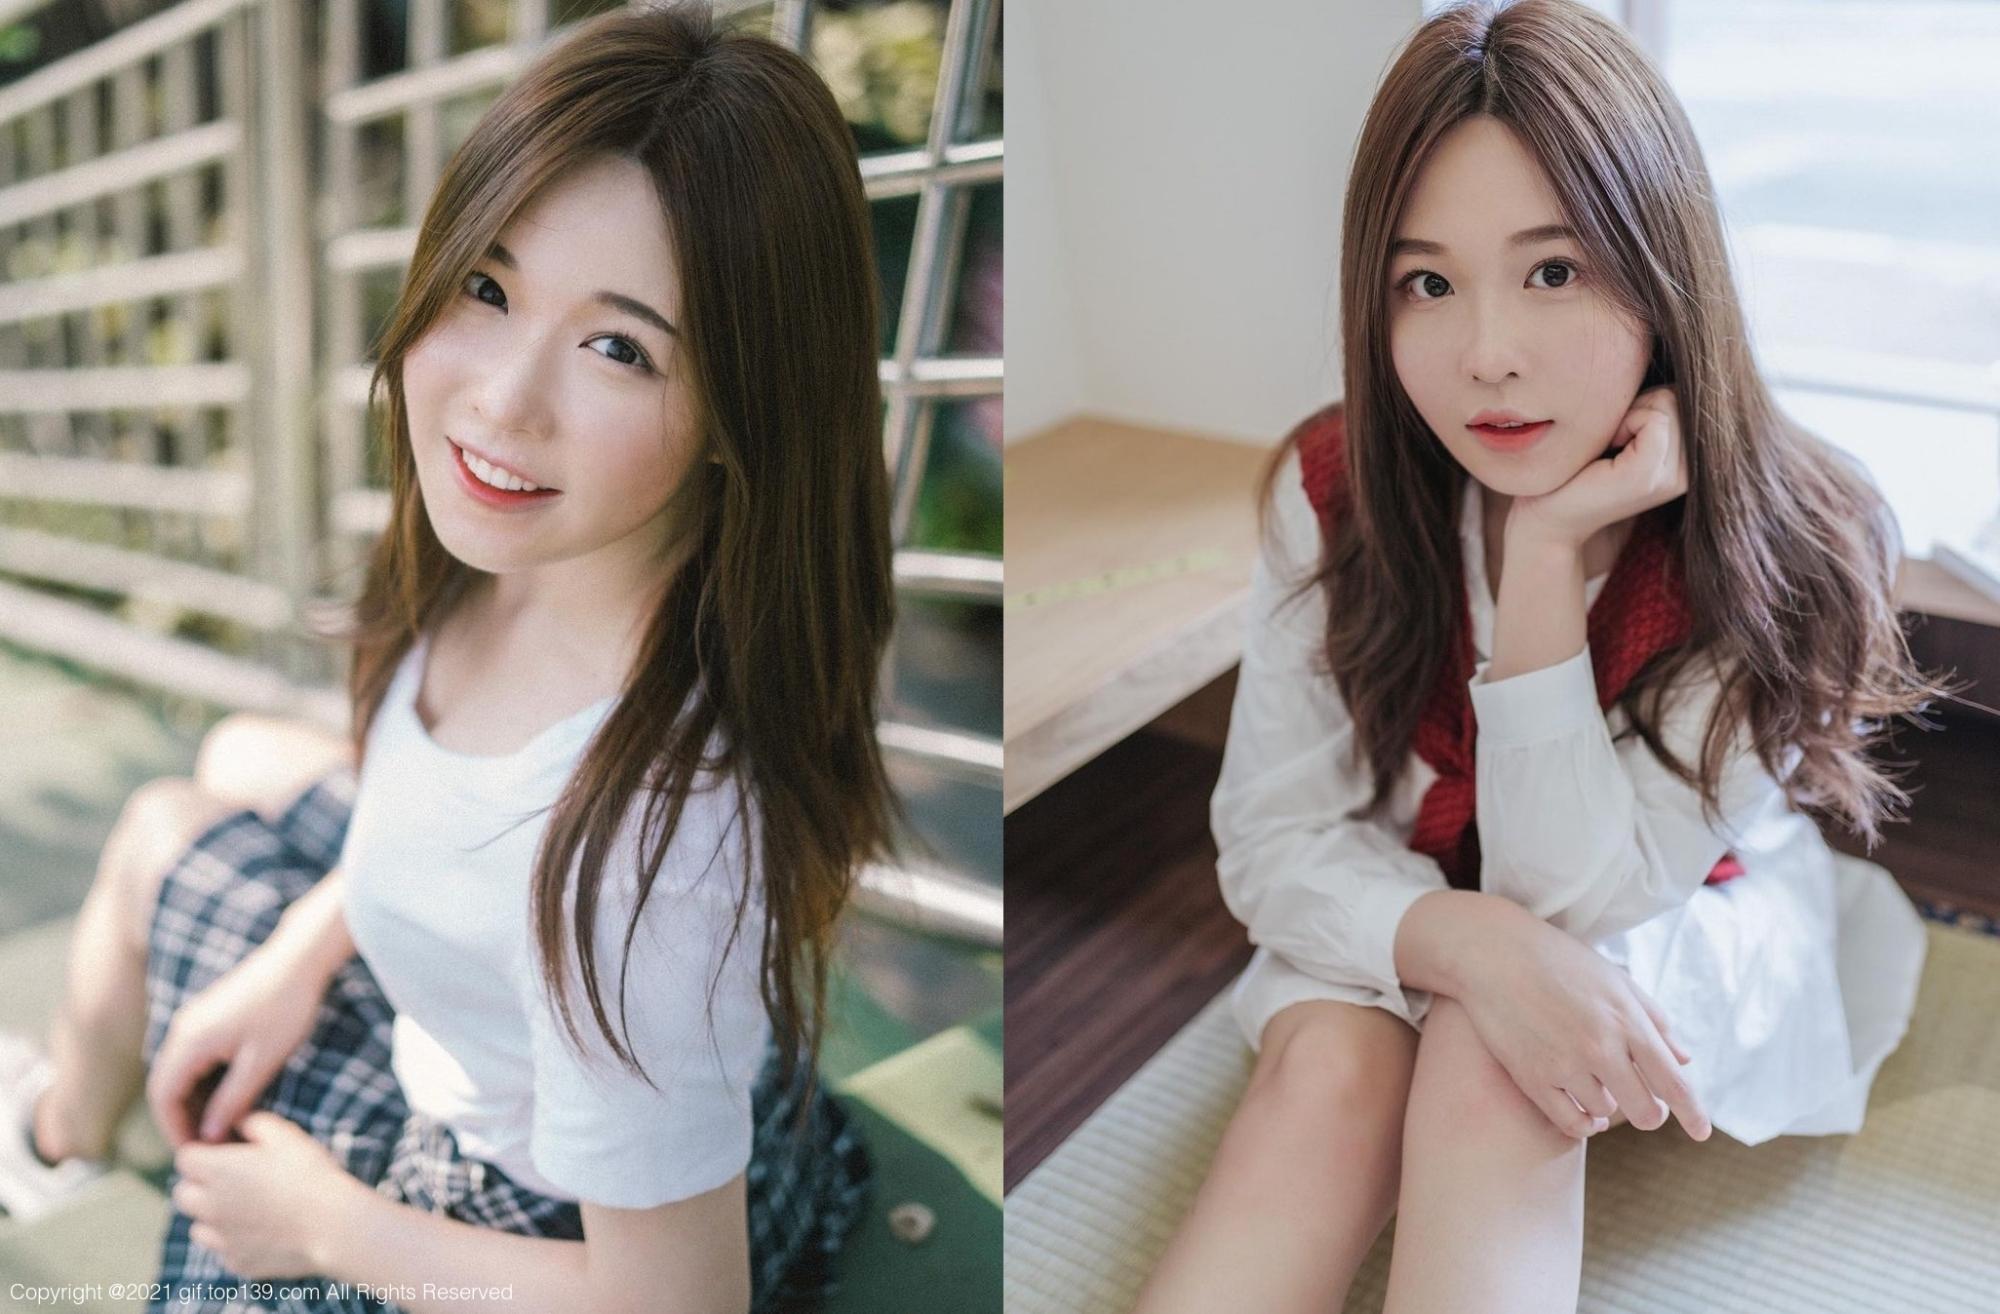 泰国妹「JellyNamjai」无辜表情甜而不腻「清新笑容」更是治愈感十足